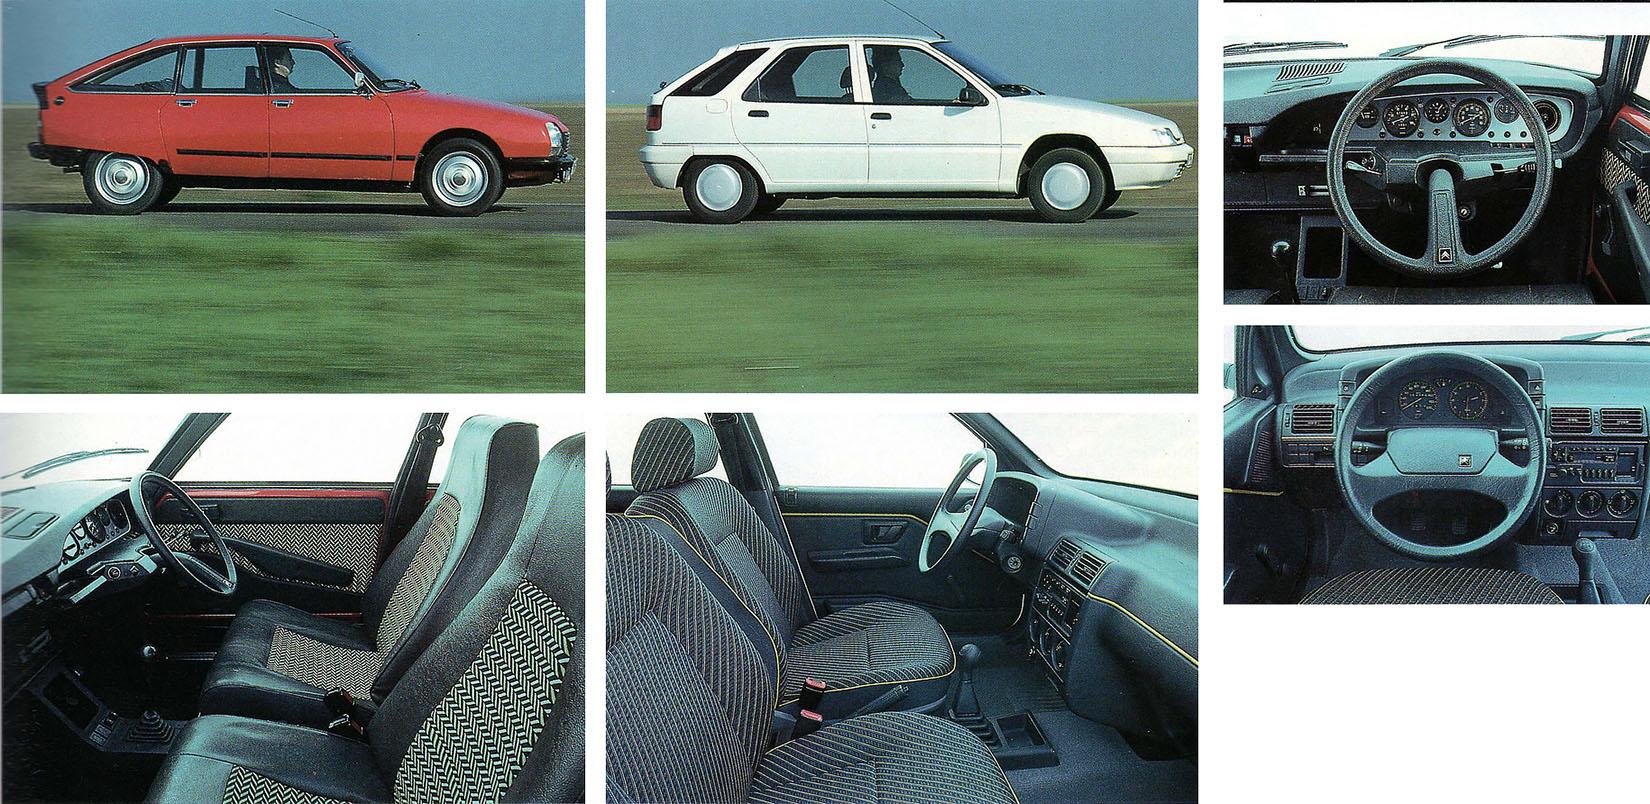 1971 Citroen GS X3 vs. 1991 Citroen ZX Reflex